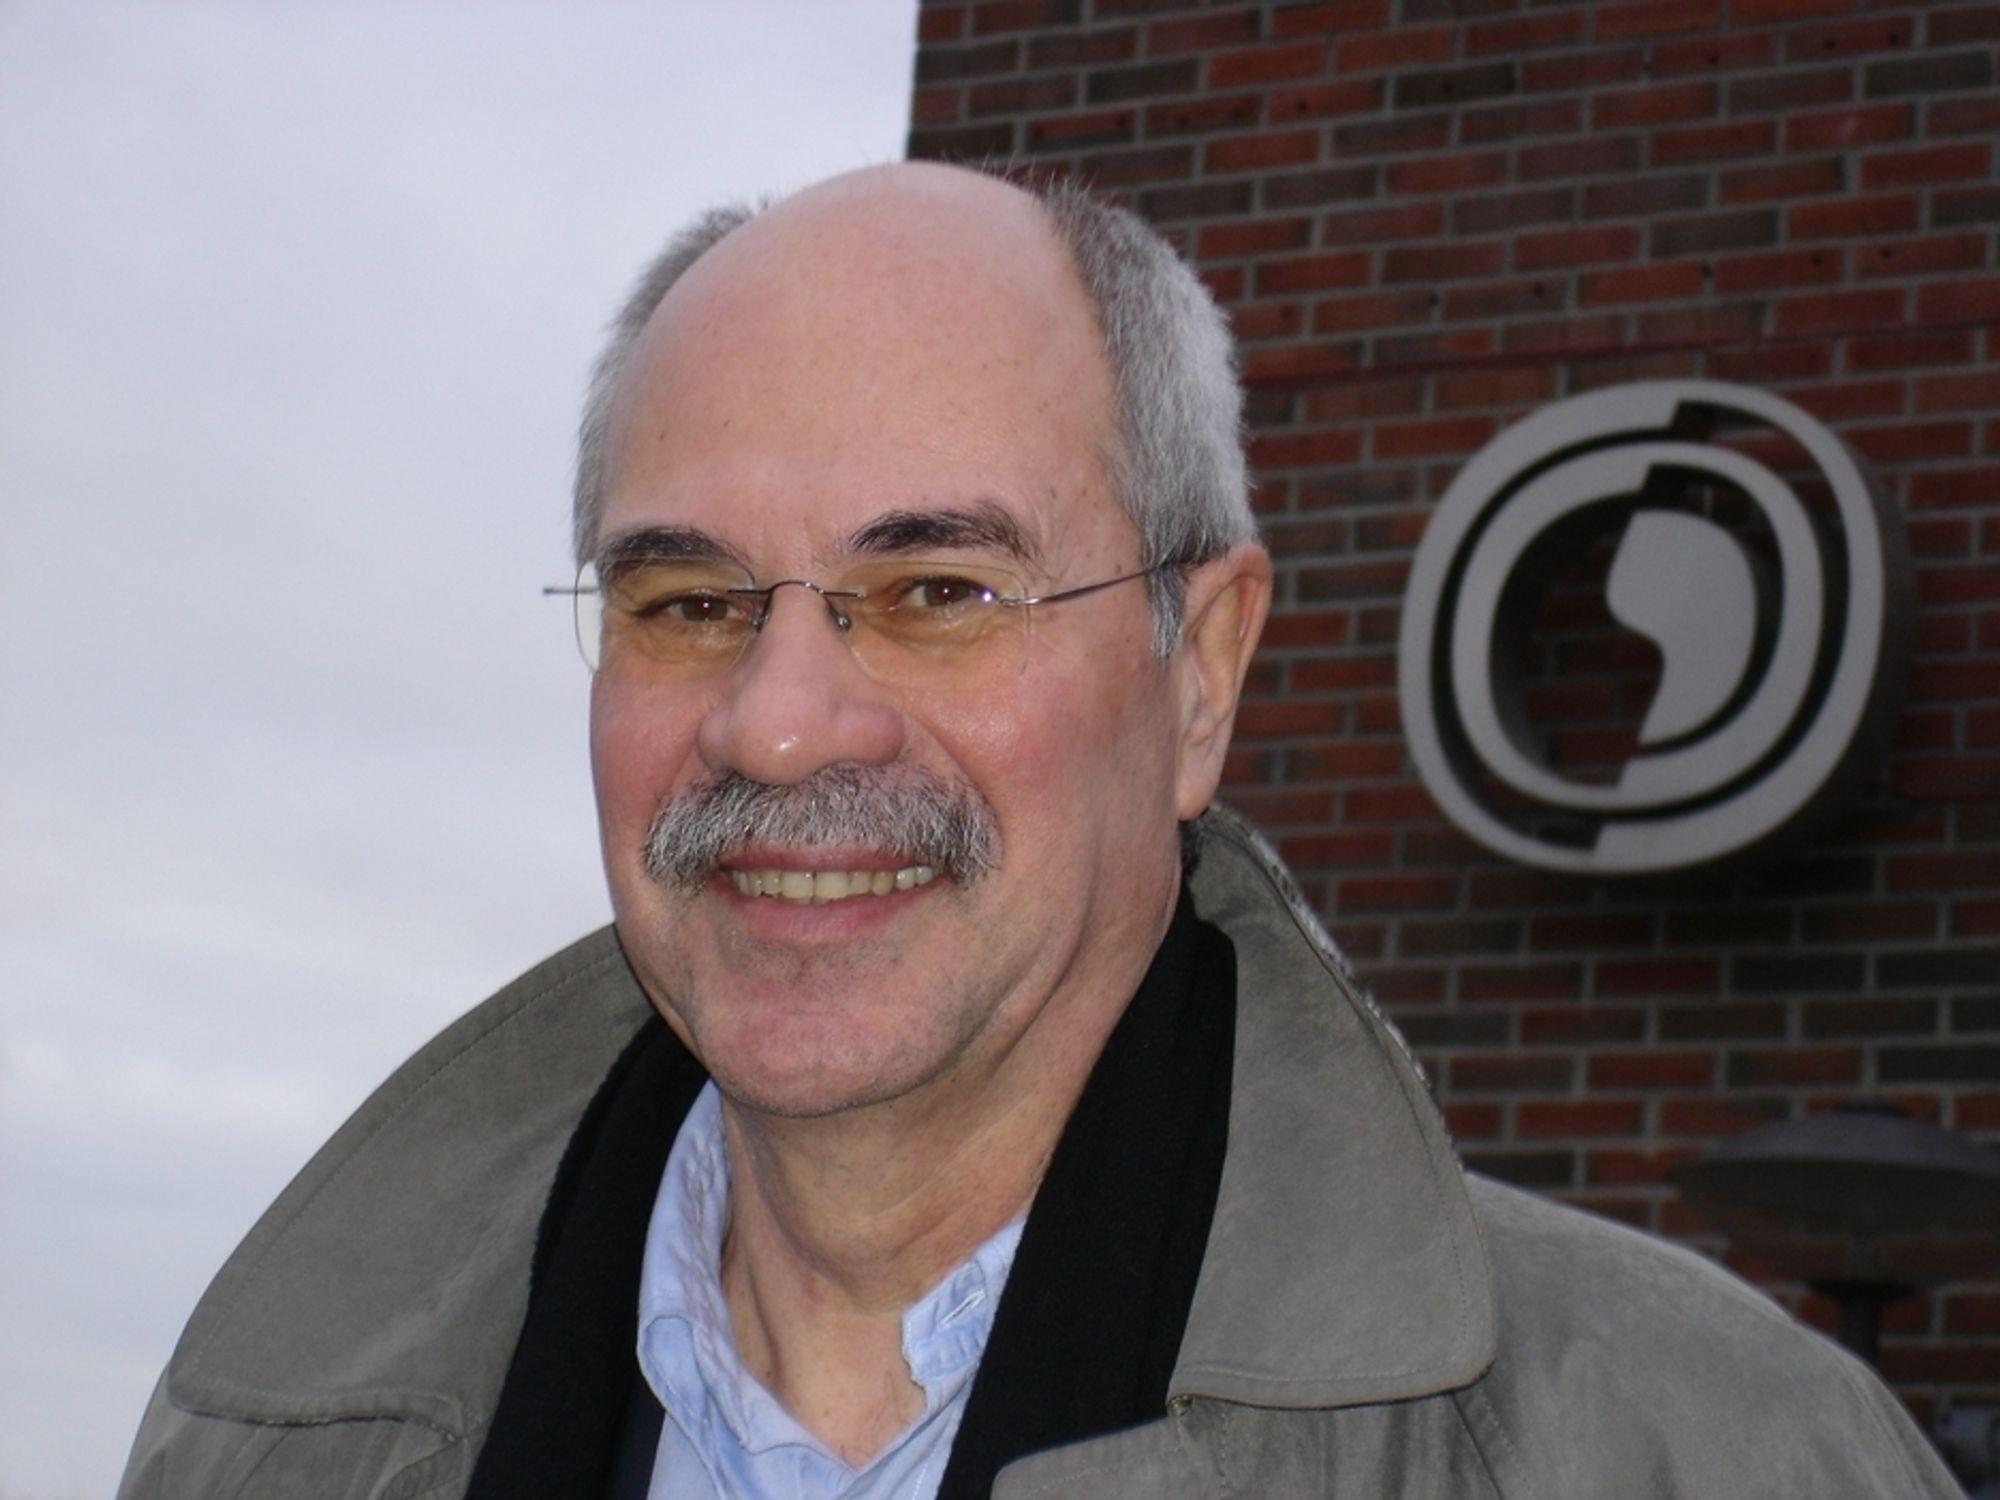 VALGTE INTERNT:  Bjørn Svensvik er født i Kristiansund, og ble utdannet sivilingeniør ved det tekniske universitetet i Braunschweig i Tyskland, der han også tok sin doktorgrad.